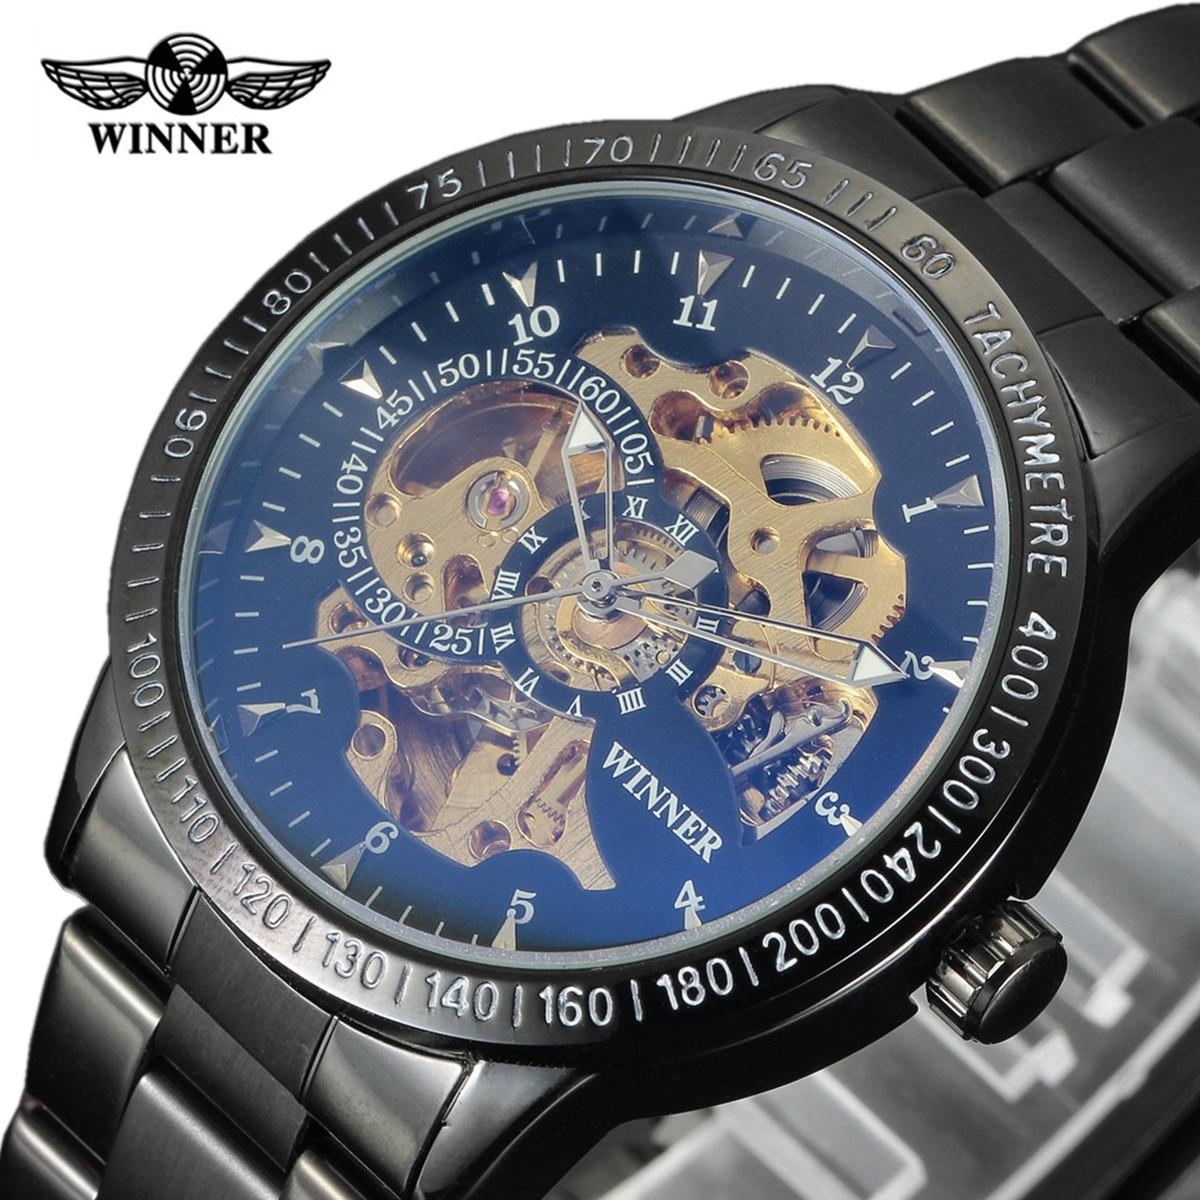 Nouveau gagnant de luxe noir Sport horloge hommes Montre automatique squelette militaire Montre mécanique Relogio mâle Montre montres Relojes